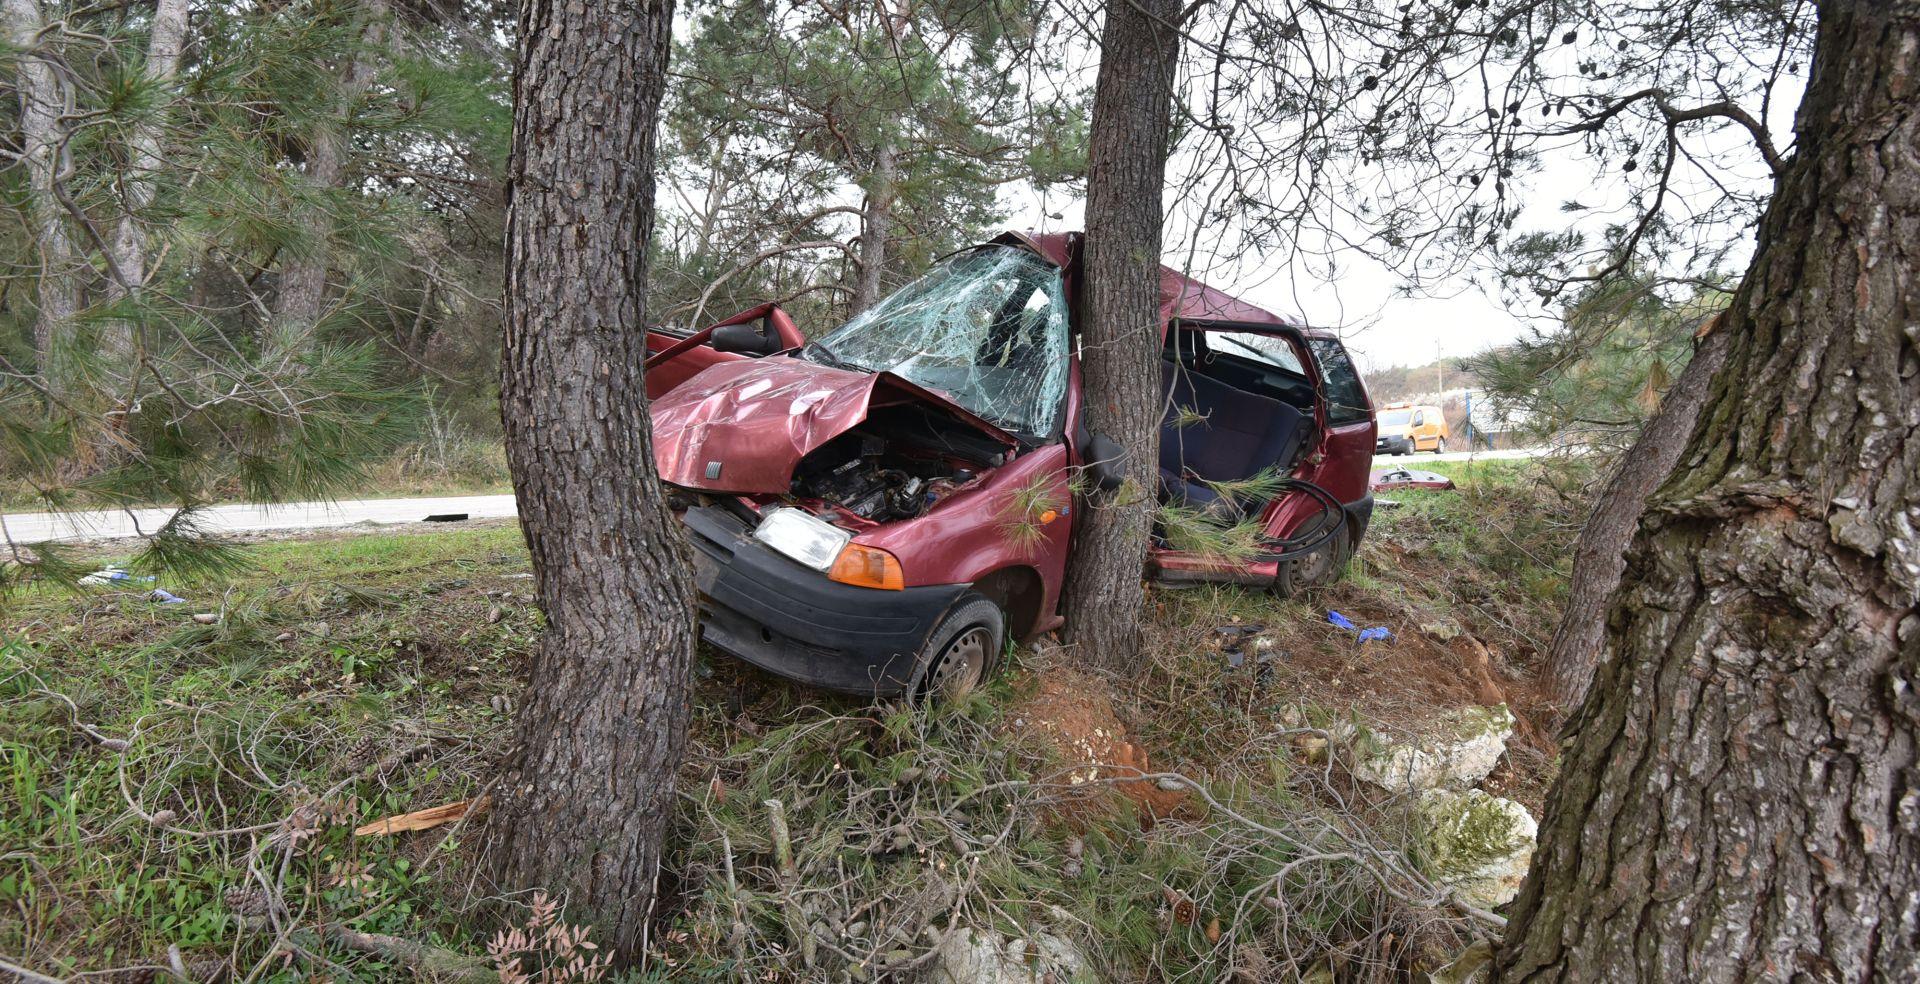 Pulska policija podnijela kaznenu prijavu protiv vozača koji je jutros izazvao nesreću